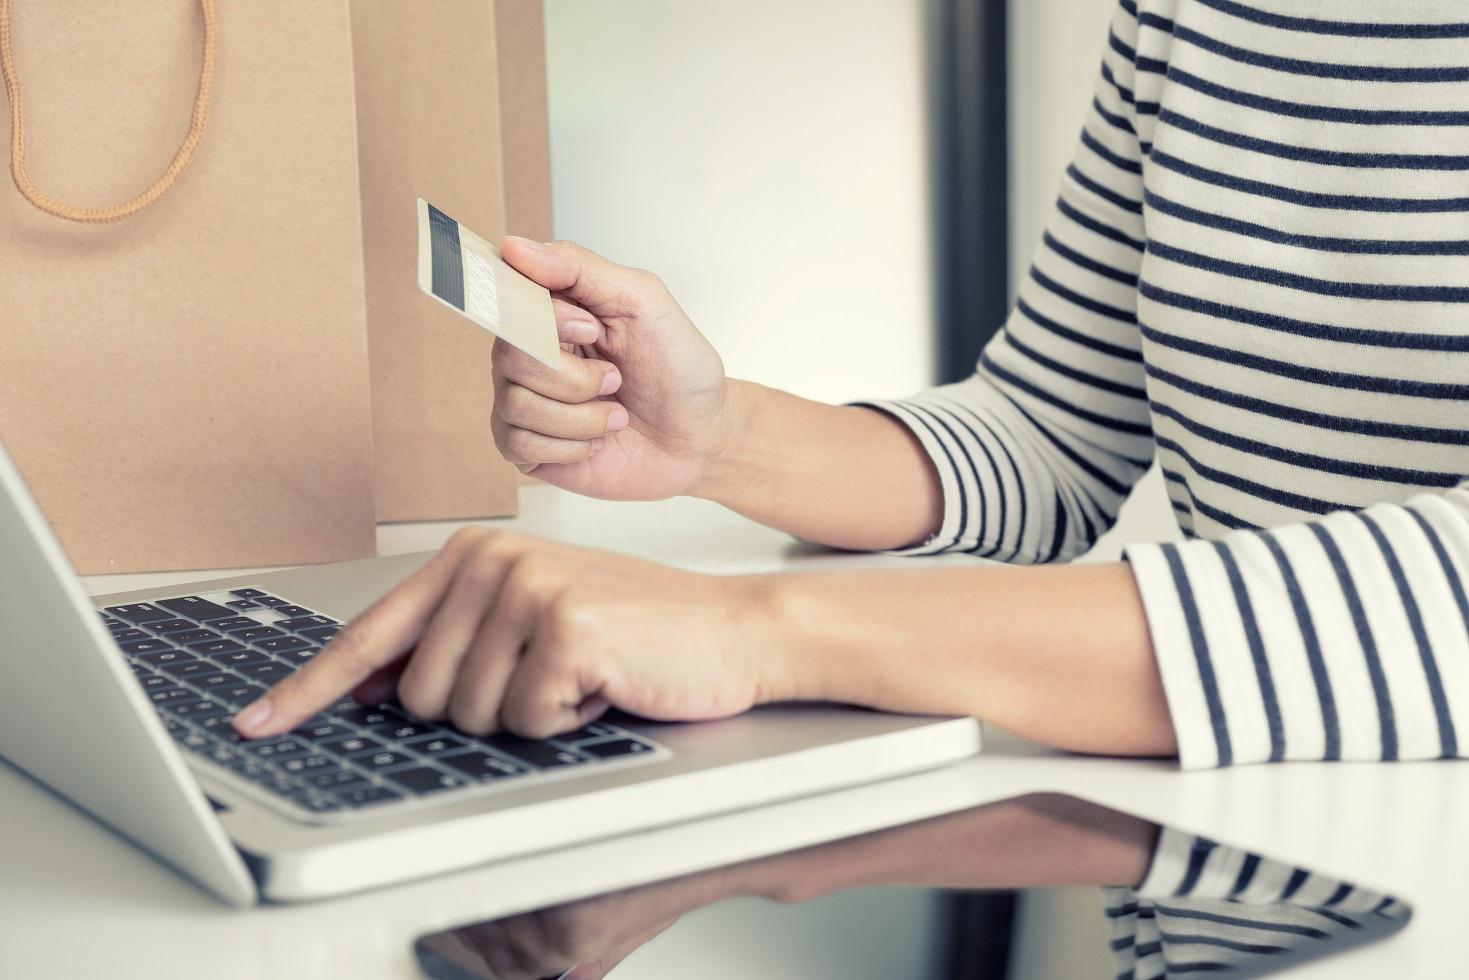 ▲使用華夏哩程購物,最高可折購物金額35%,別讓哩程過期了!(圖/shutterstock.com)